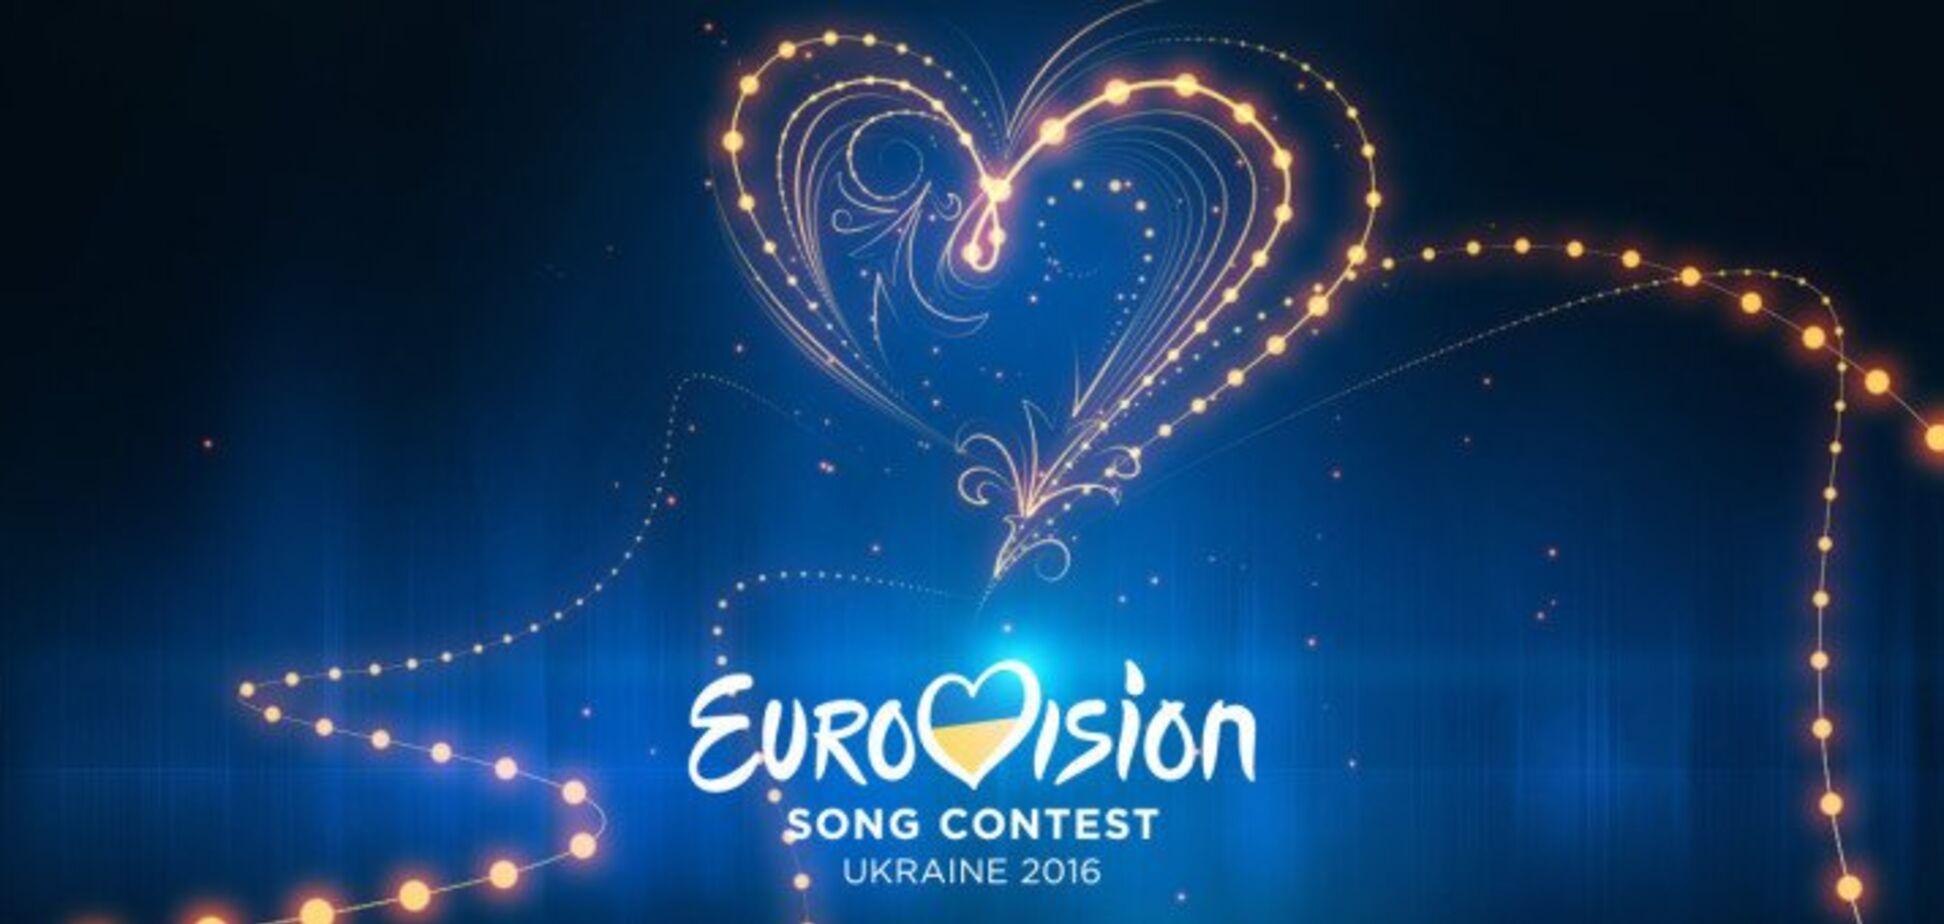 Украина отказалась от участия в Евровидении-2019: официальное заявление